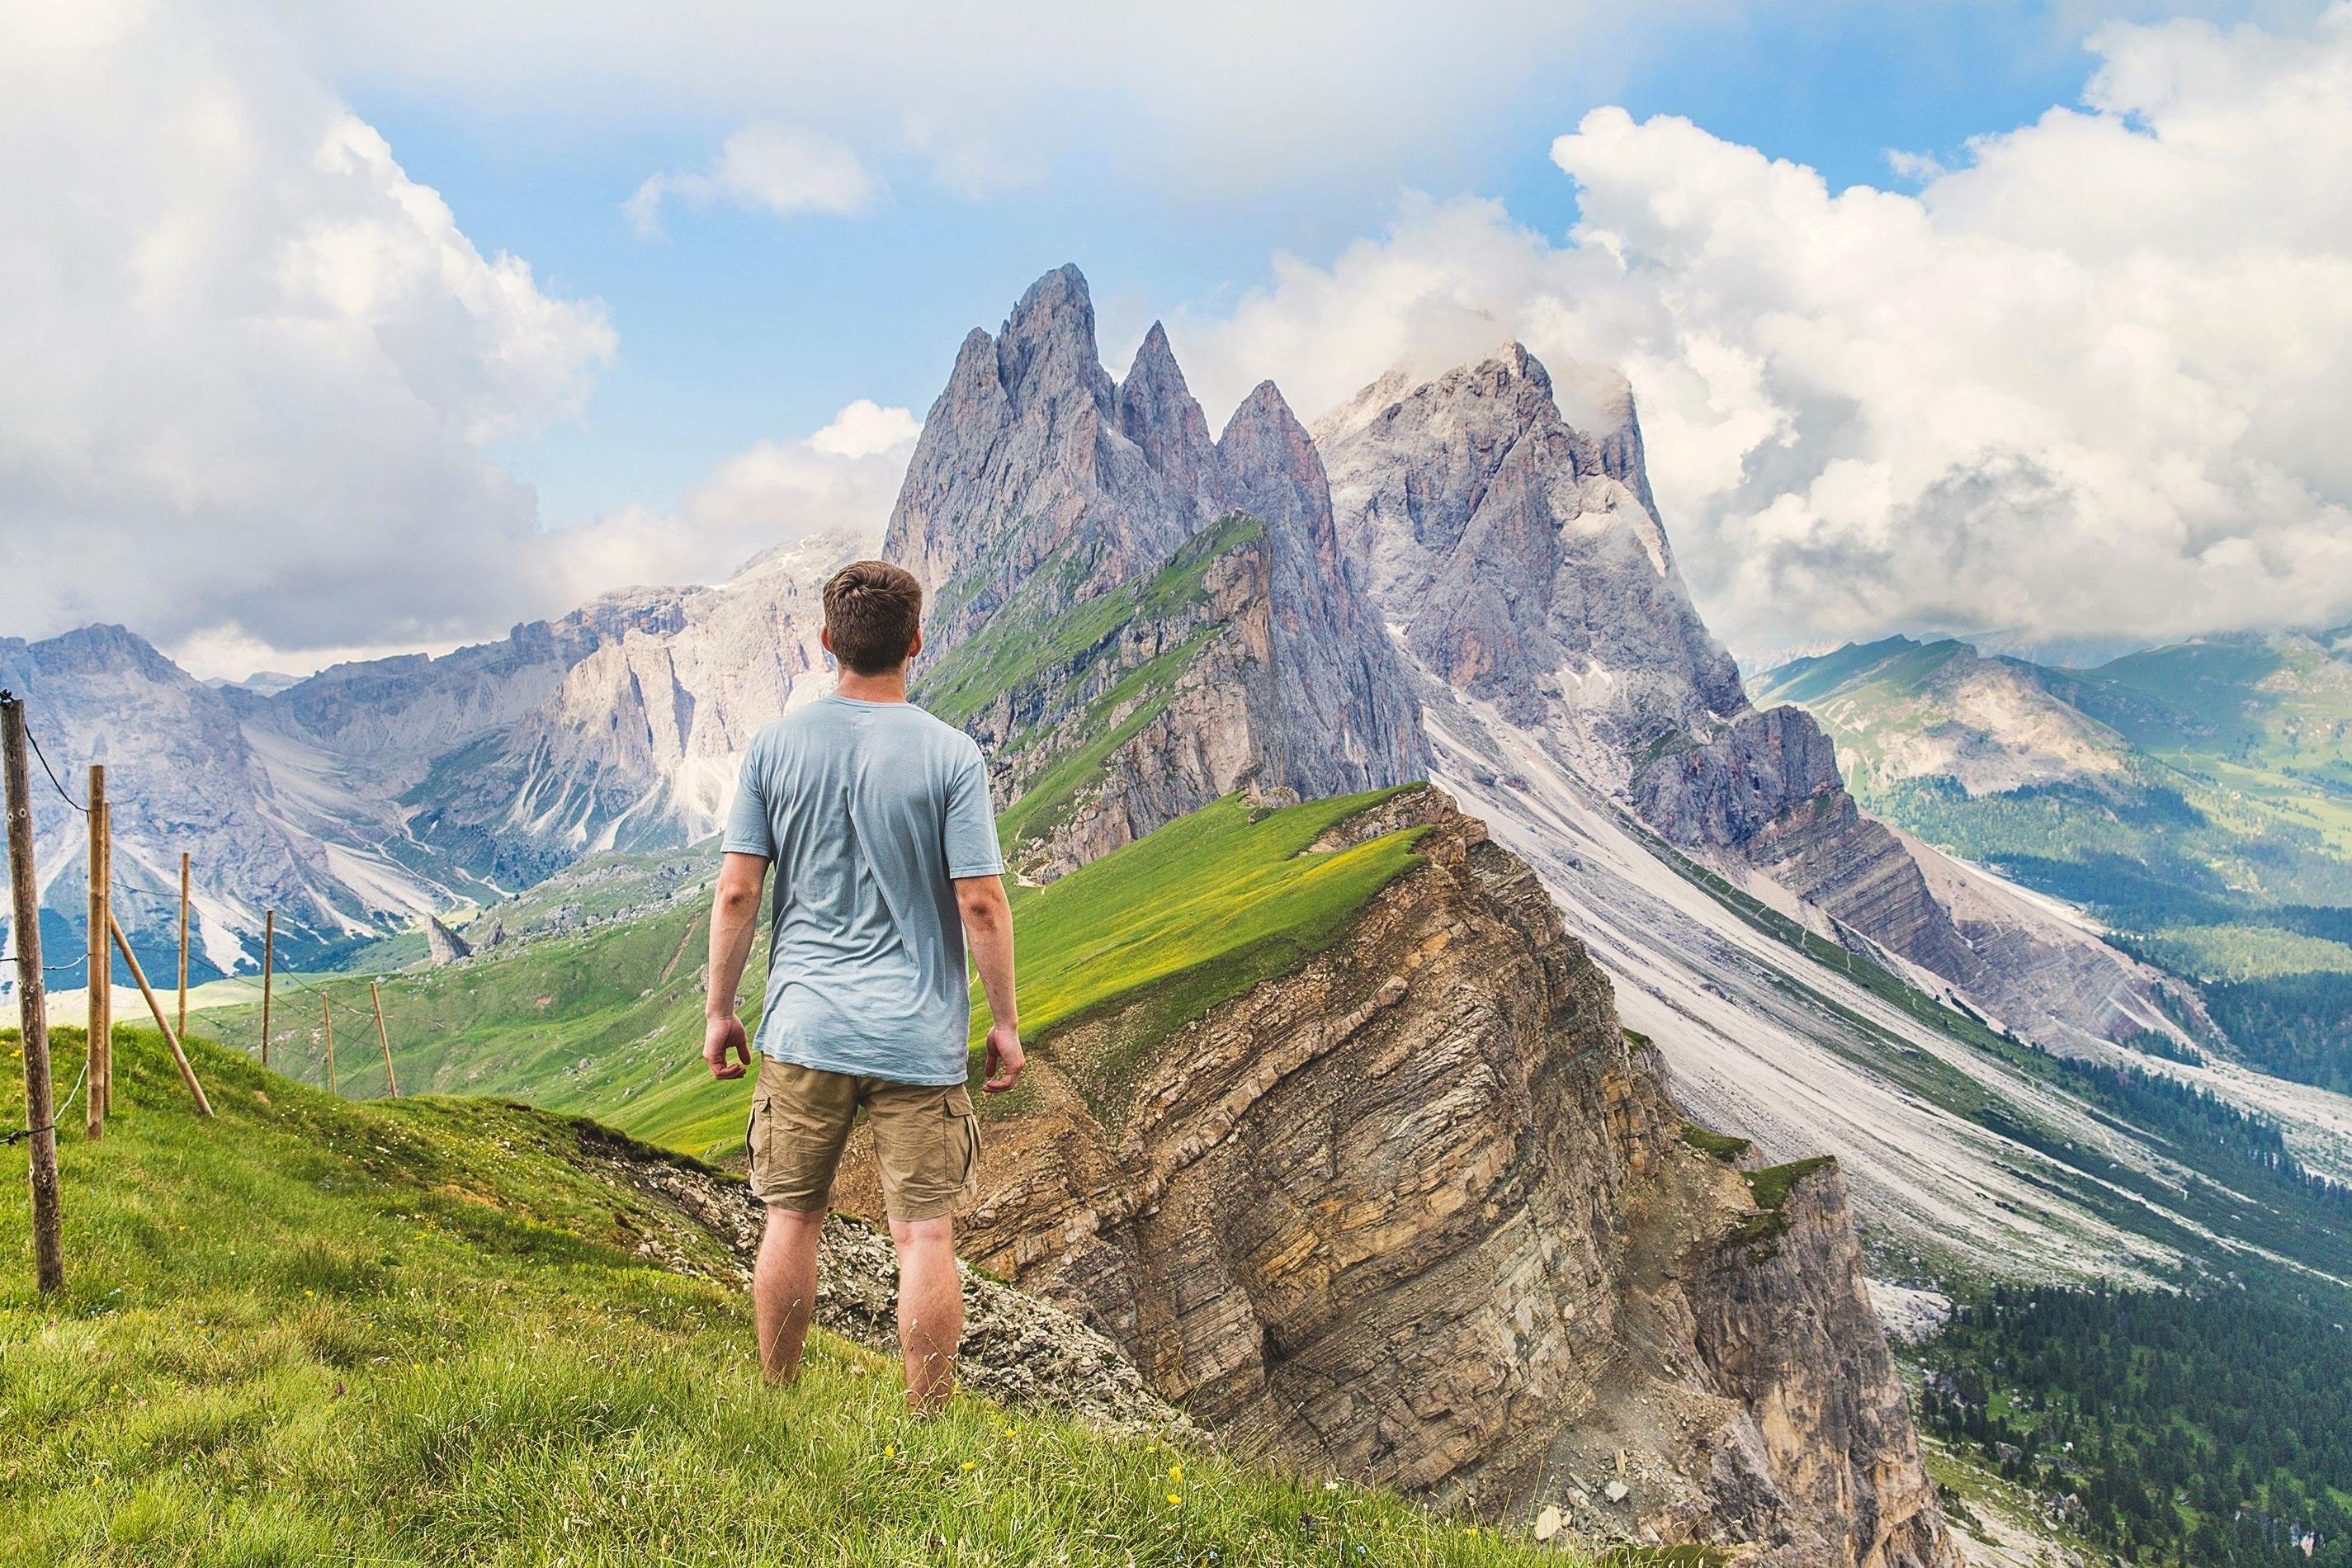 красивые фото людей в горах картон